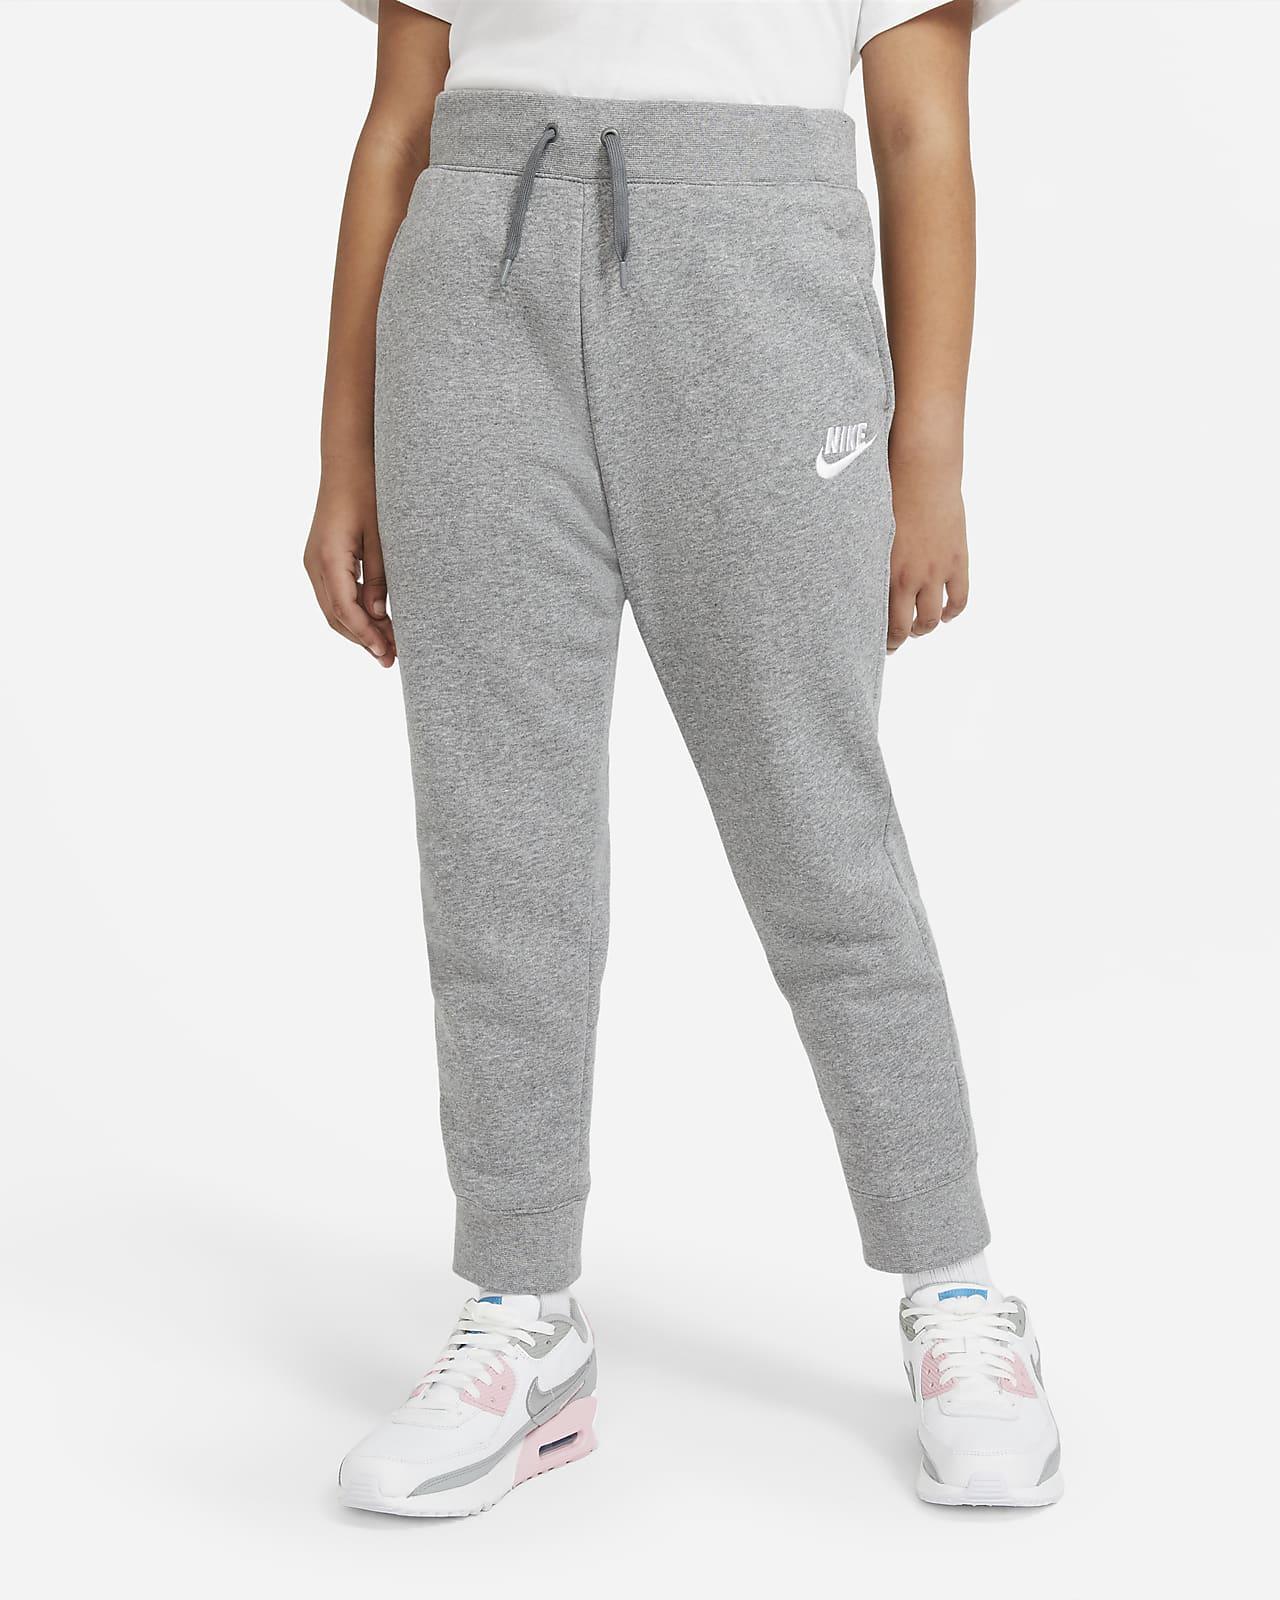 Nike Sportswear Older Kids' (Girls') Trousers (Extended Size)